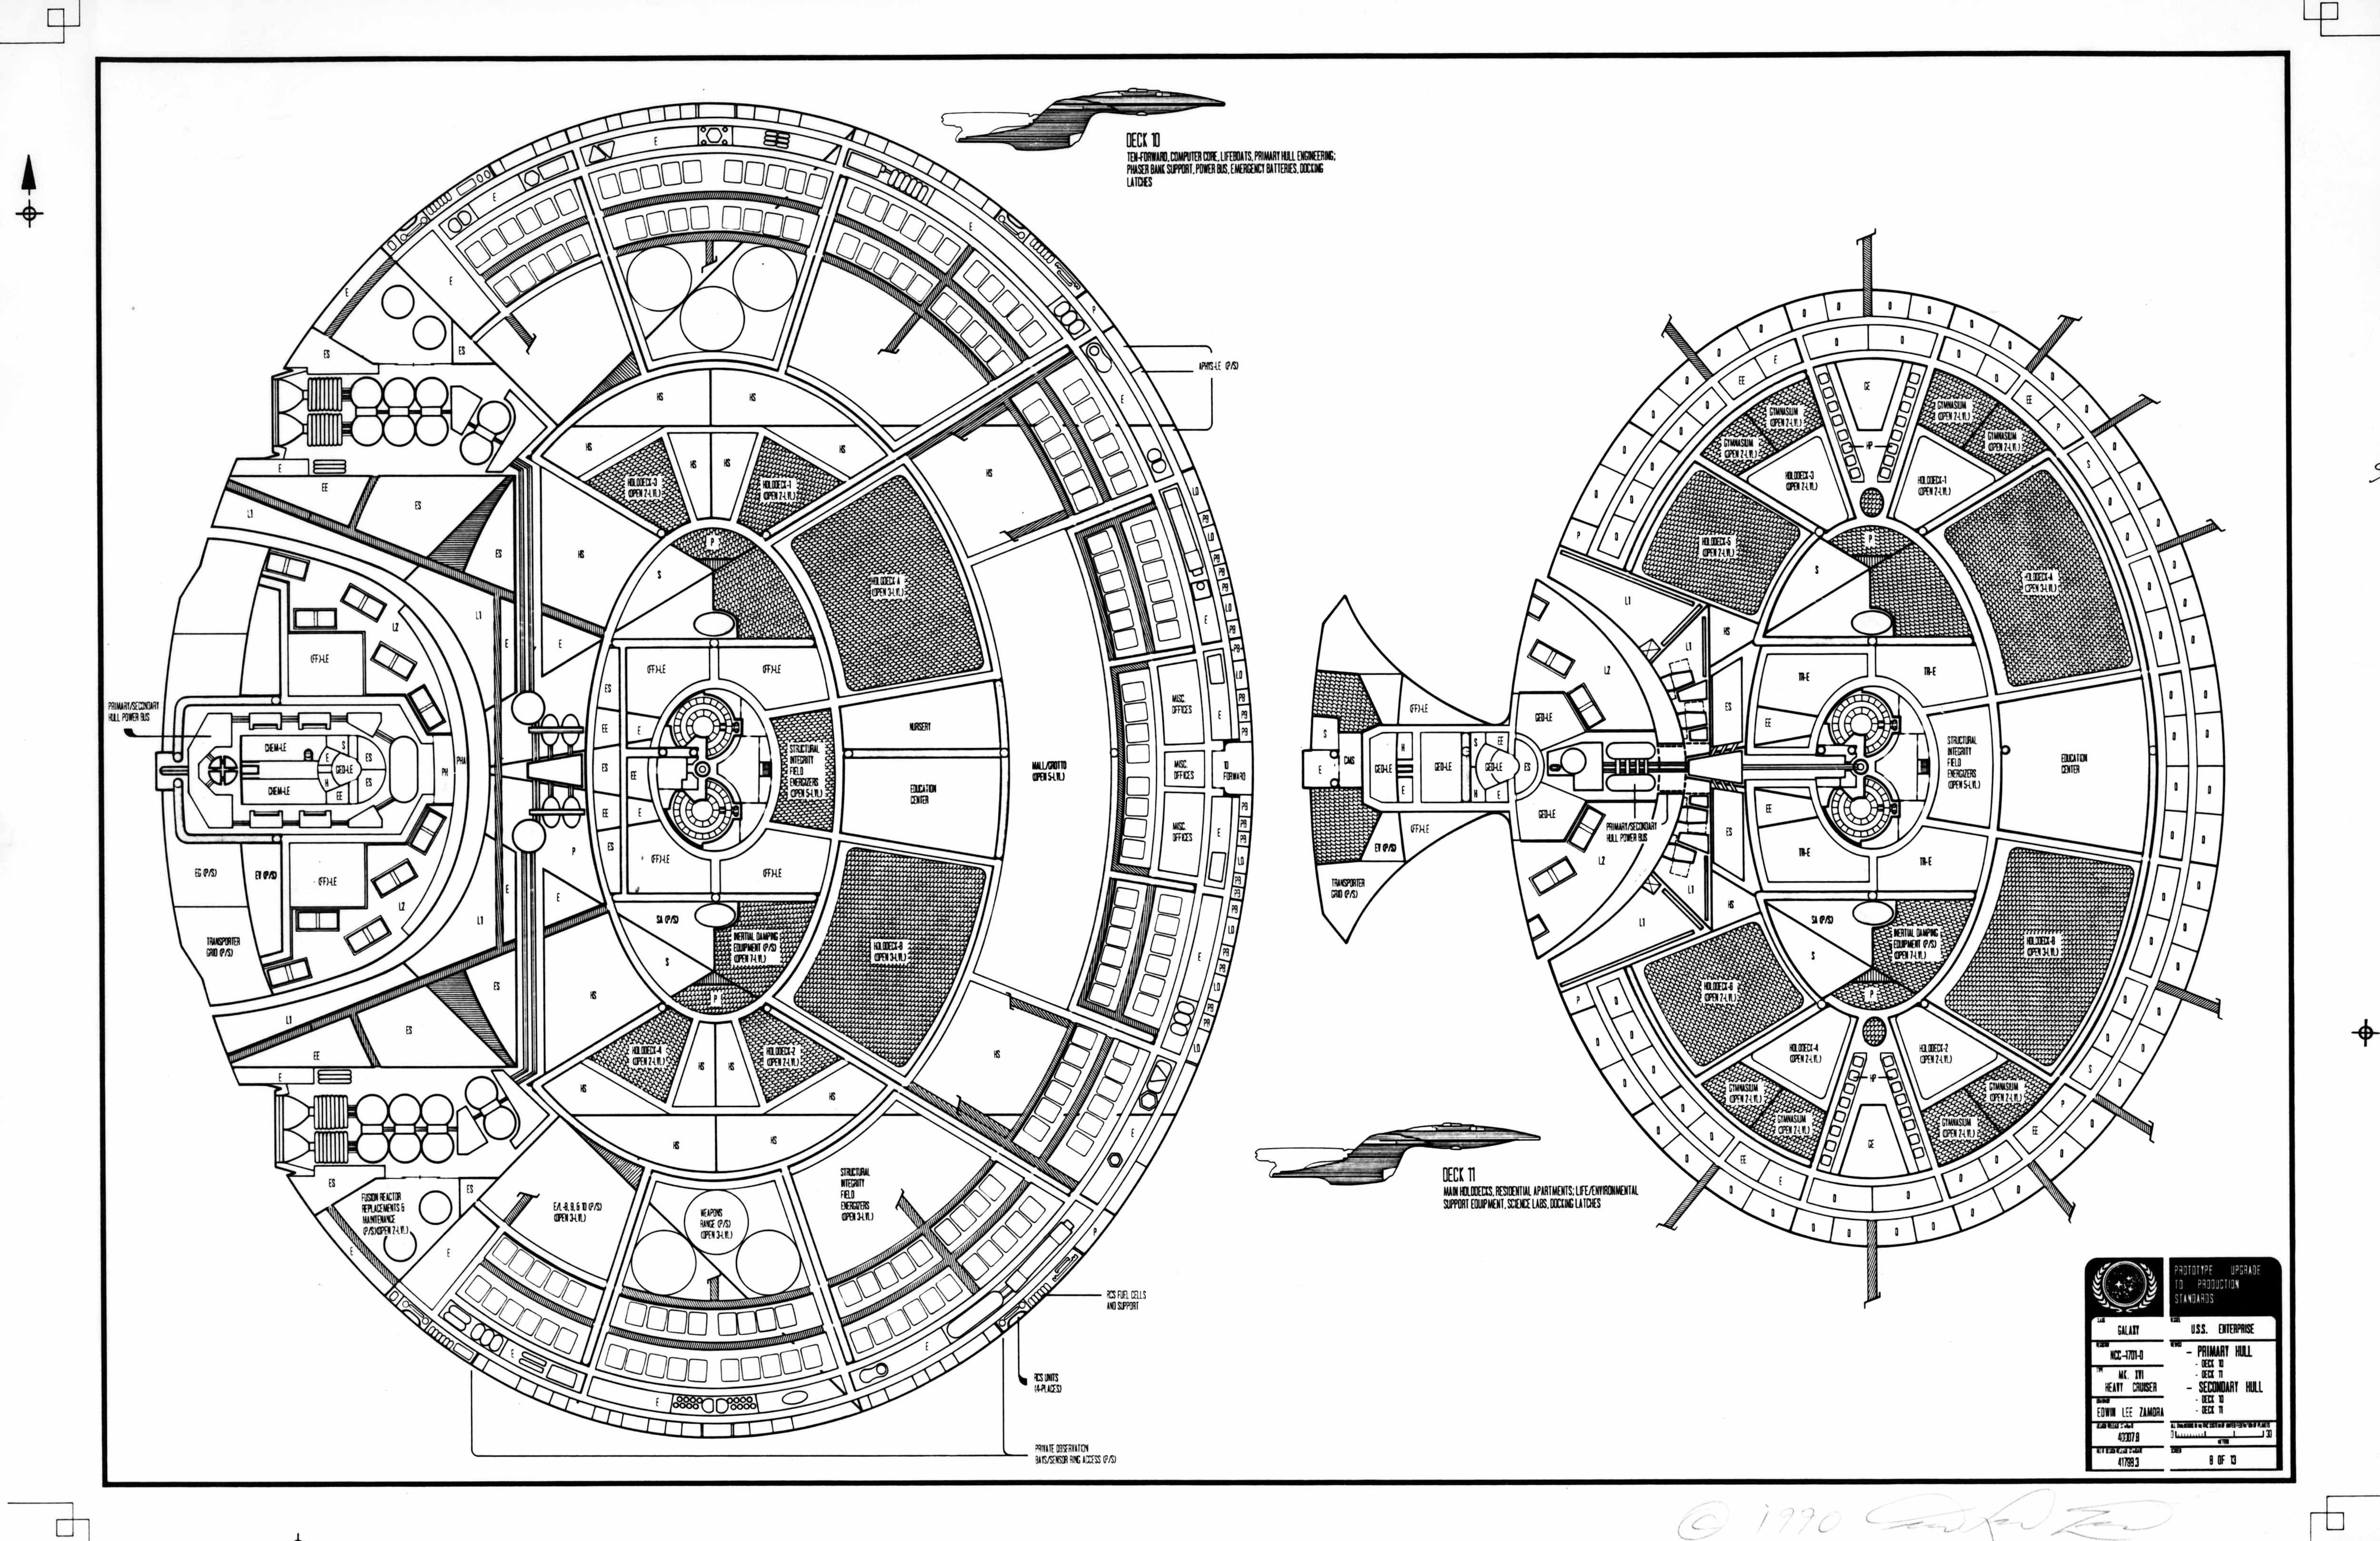 Deck Schematic Of U S S Enterprise Ncc D